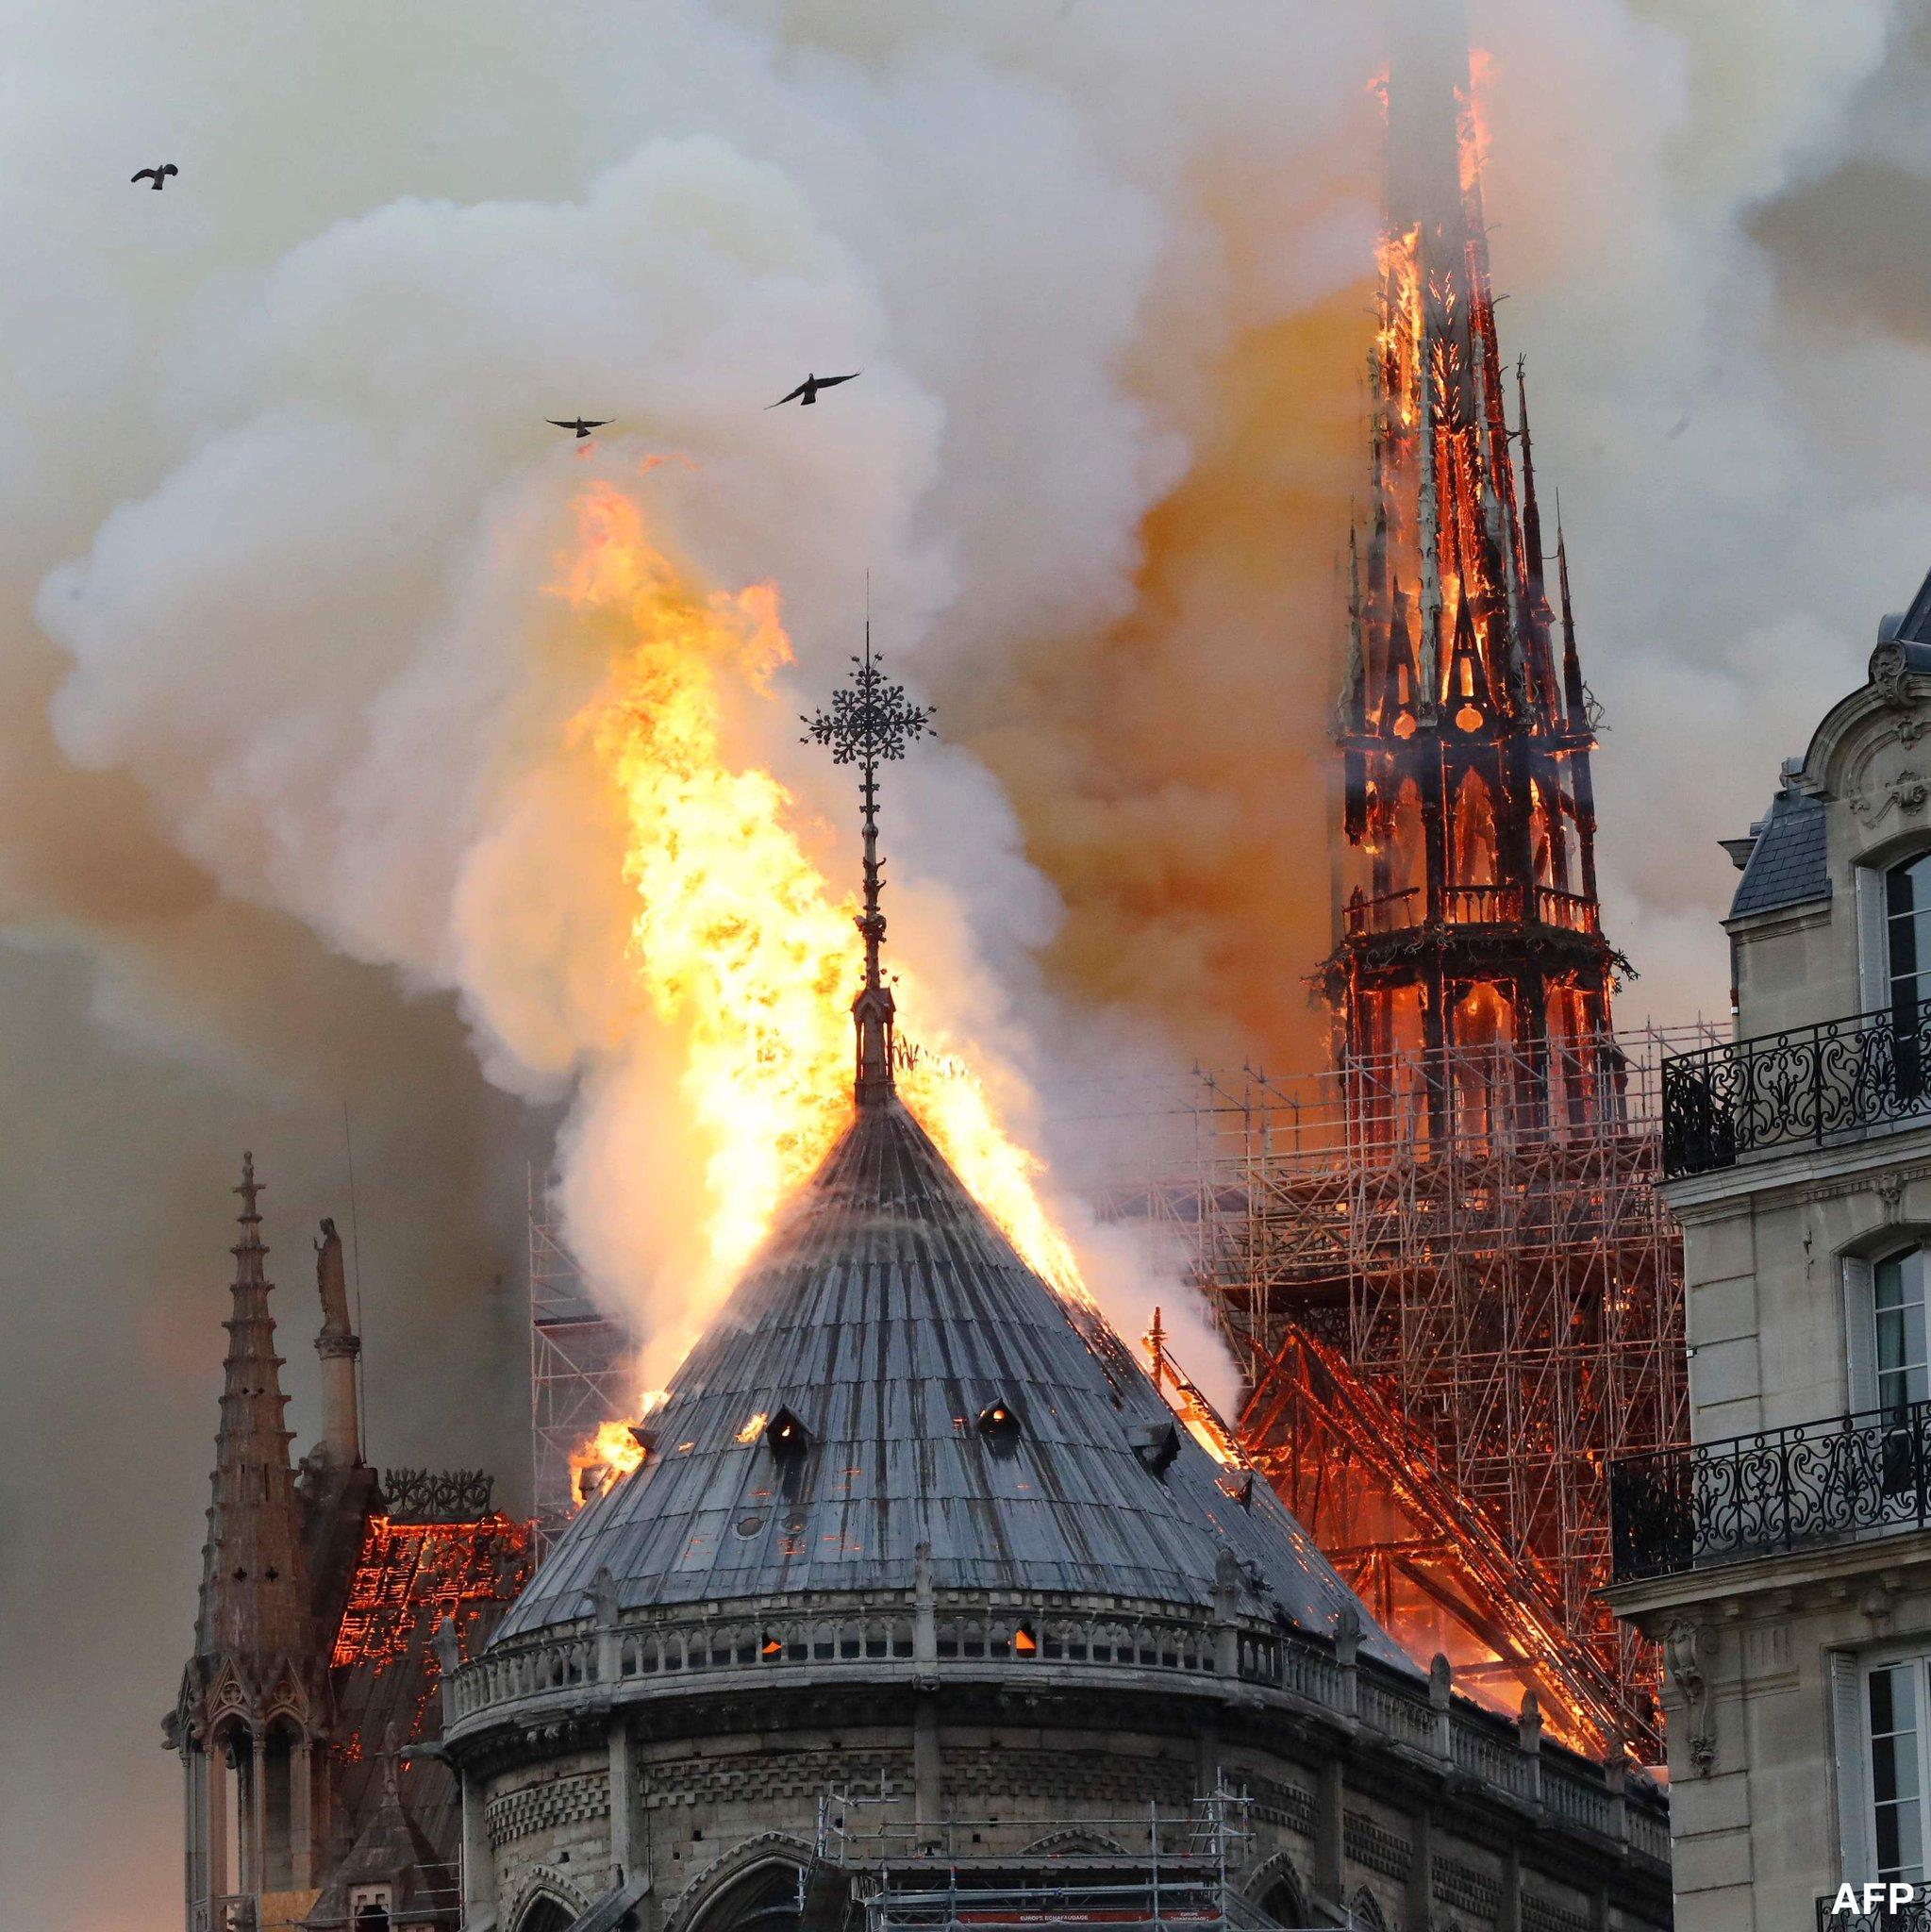 Сердце христианской Европы - Нотр-Дам де Пари уничтожен пожаром